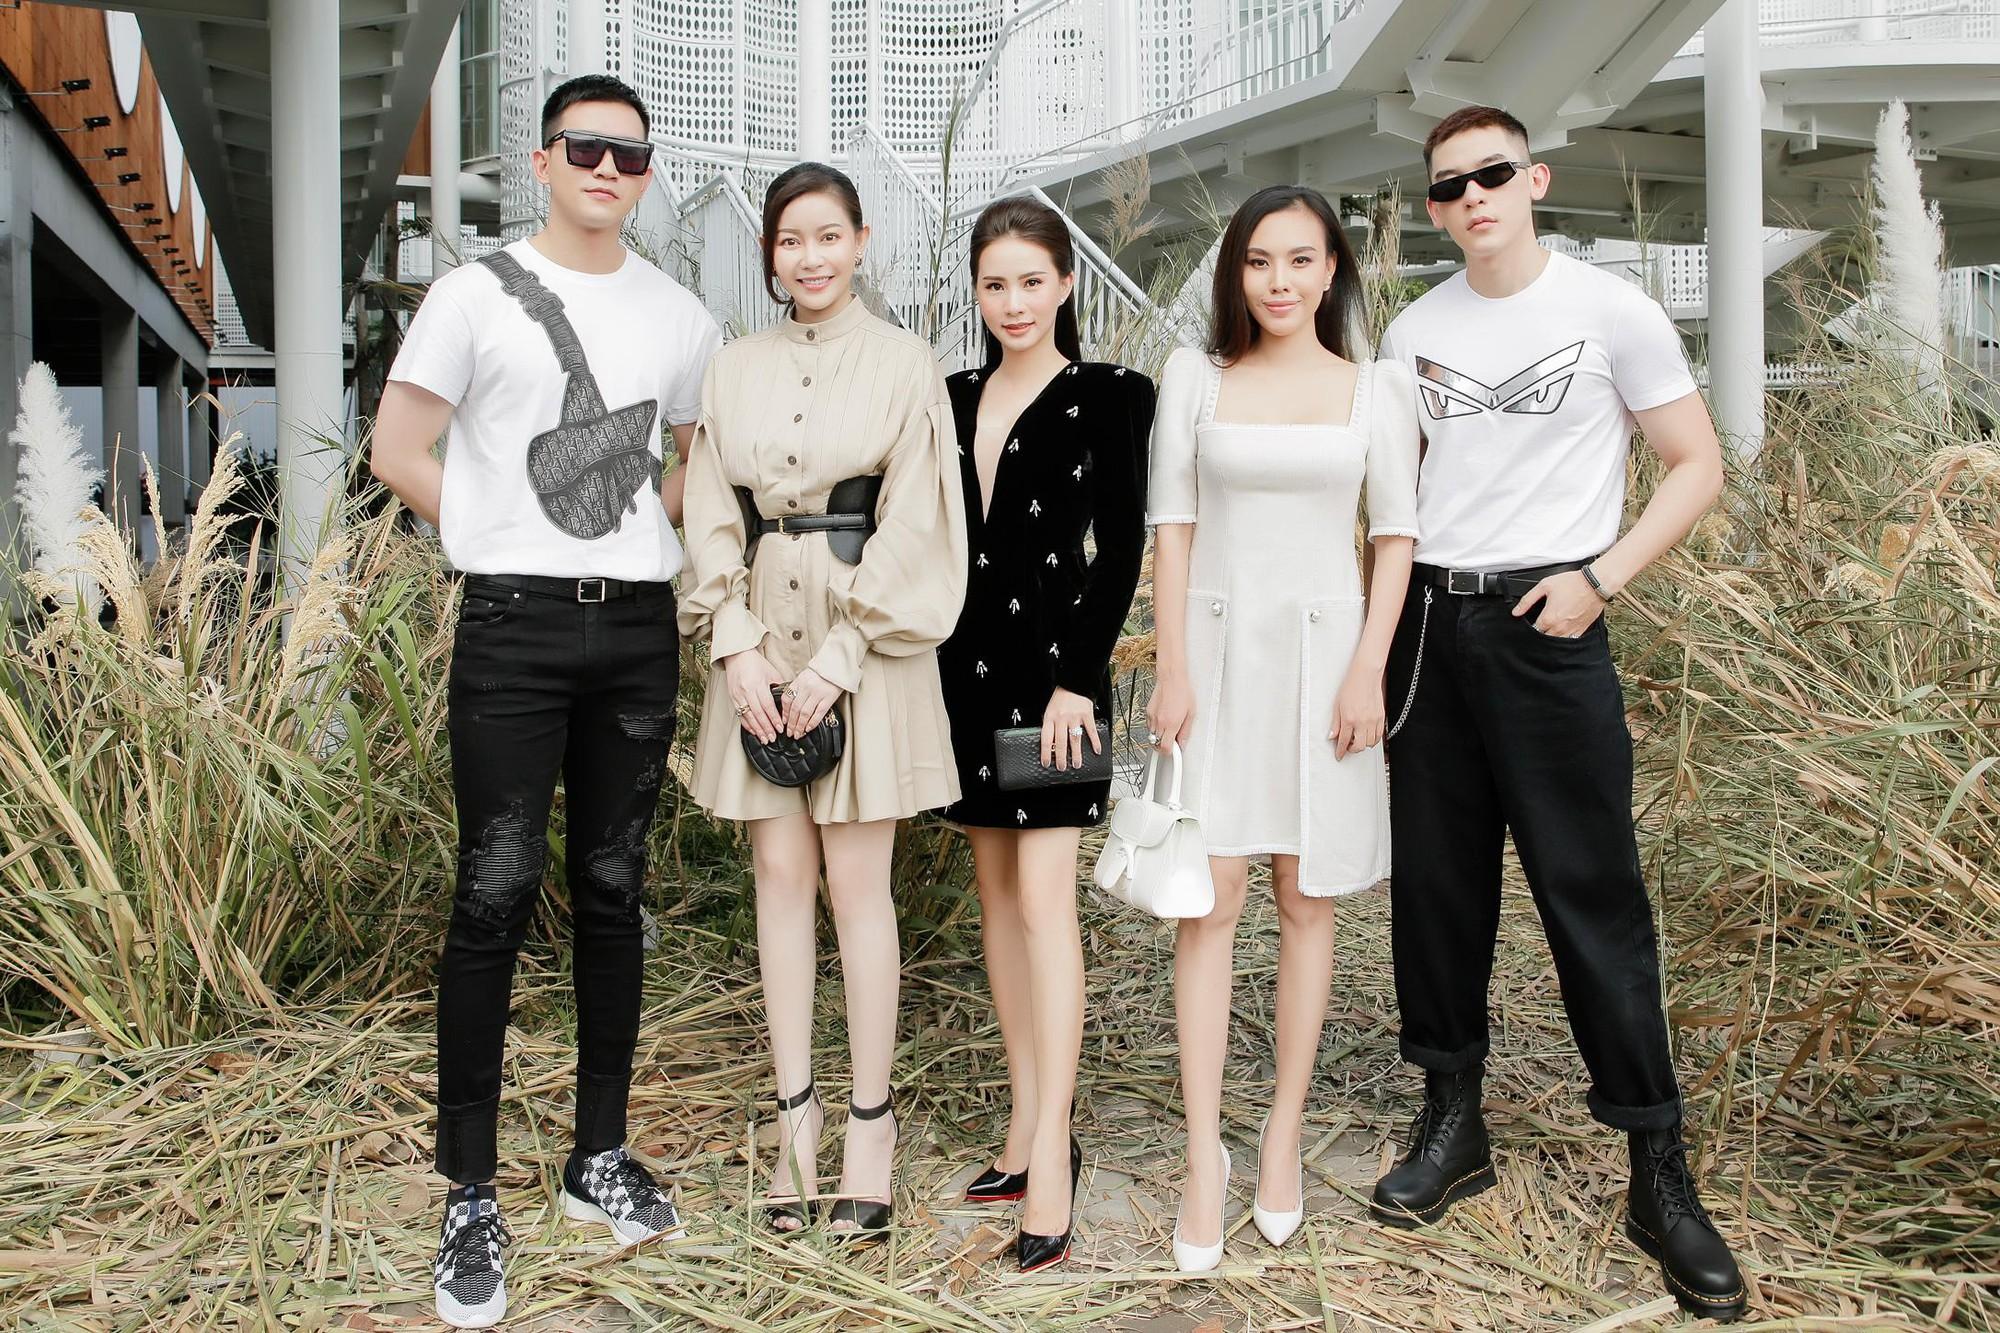 Hoa hậu Hải Dương được mỹ nam Minh Trung - Võ Cảnh tháp tùng, mua hơn nửa BST mới khi dự show của Chung Thanh Phong - Ảnh 10.